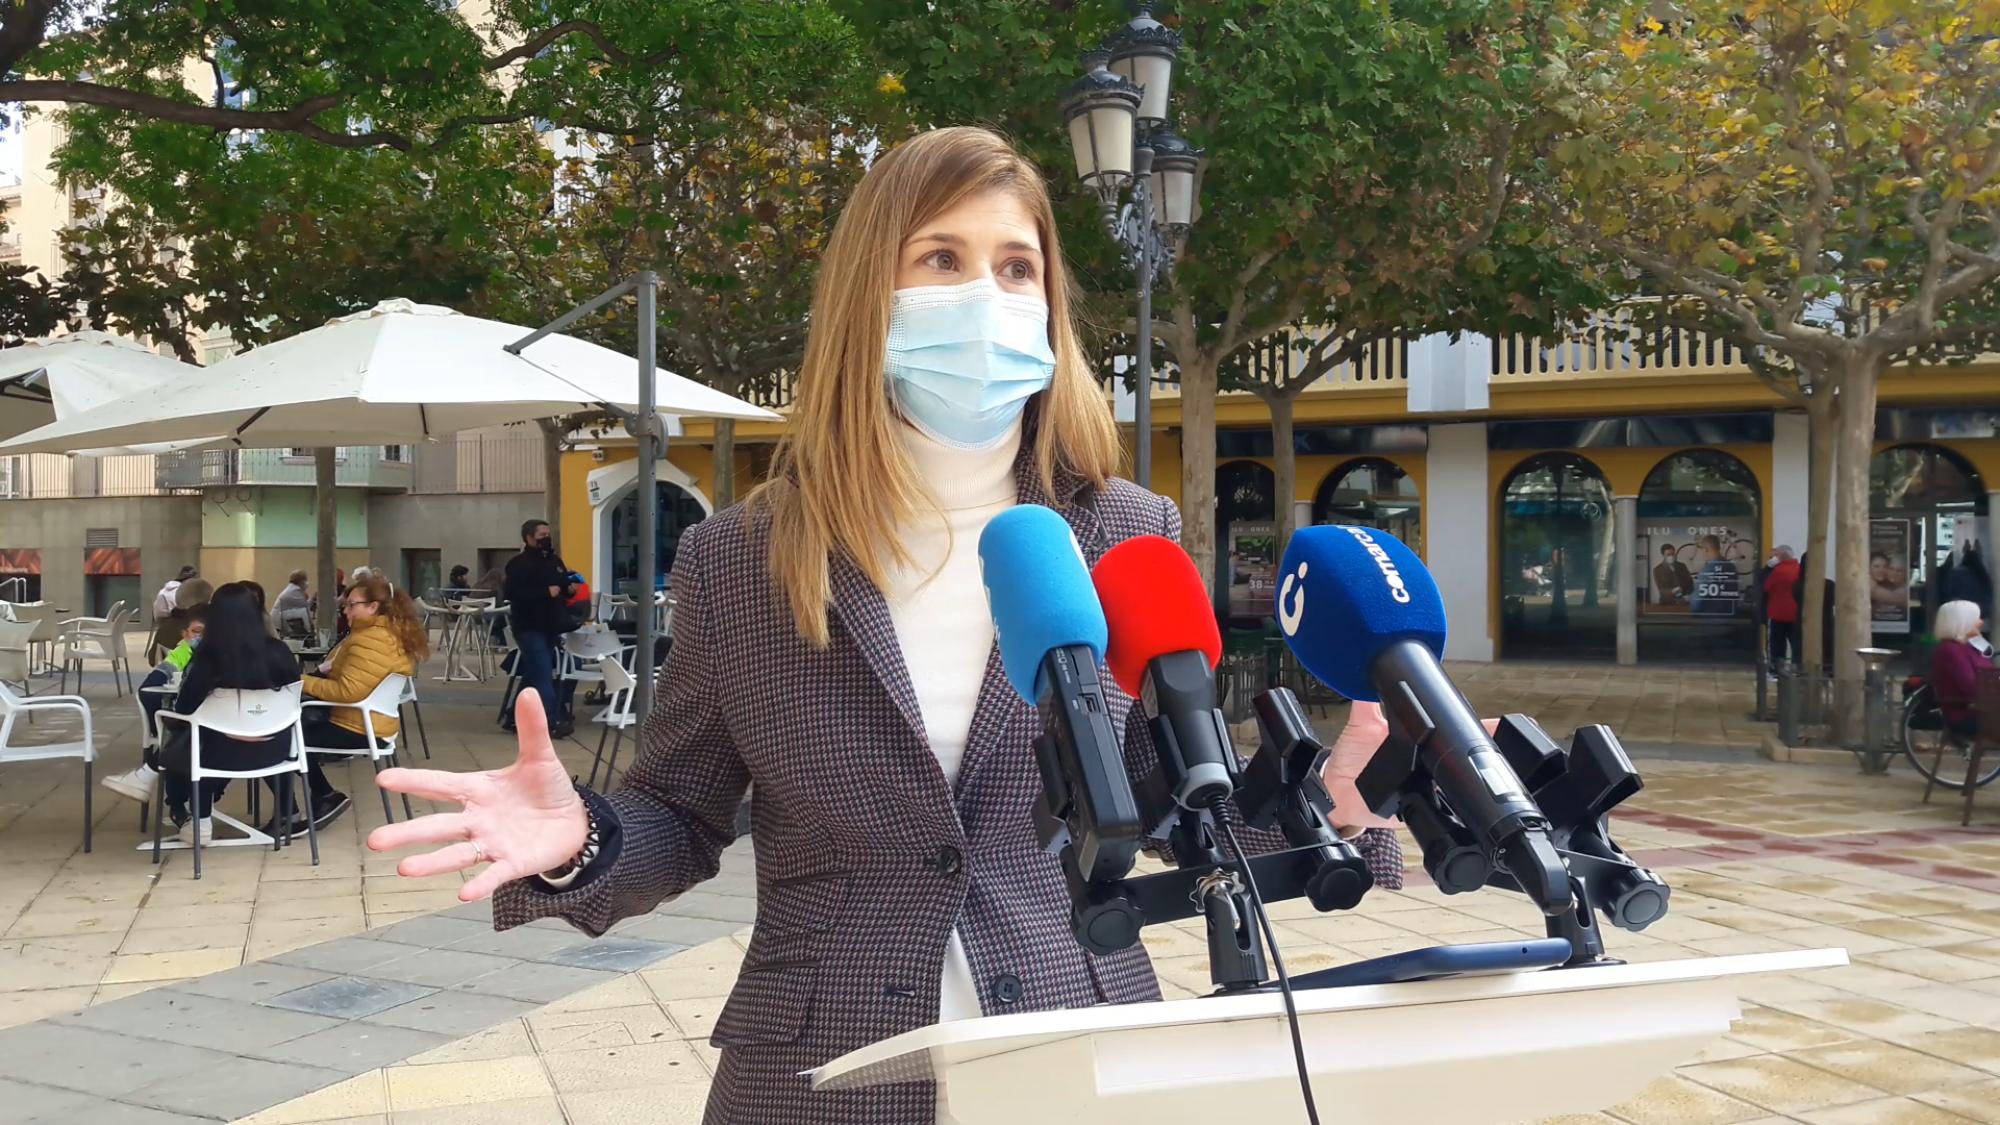 Según el PP de Lorca, el Supremo podría obligar al gobierno del PSOE a devolver 9 millones de euros, pero el actual alcalde se gastó parte de ese dinero en coches y rescatar Limusa